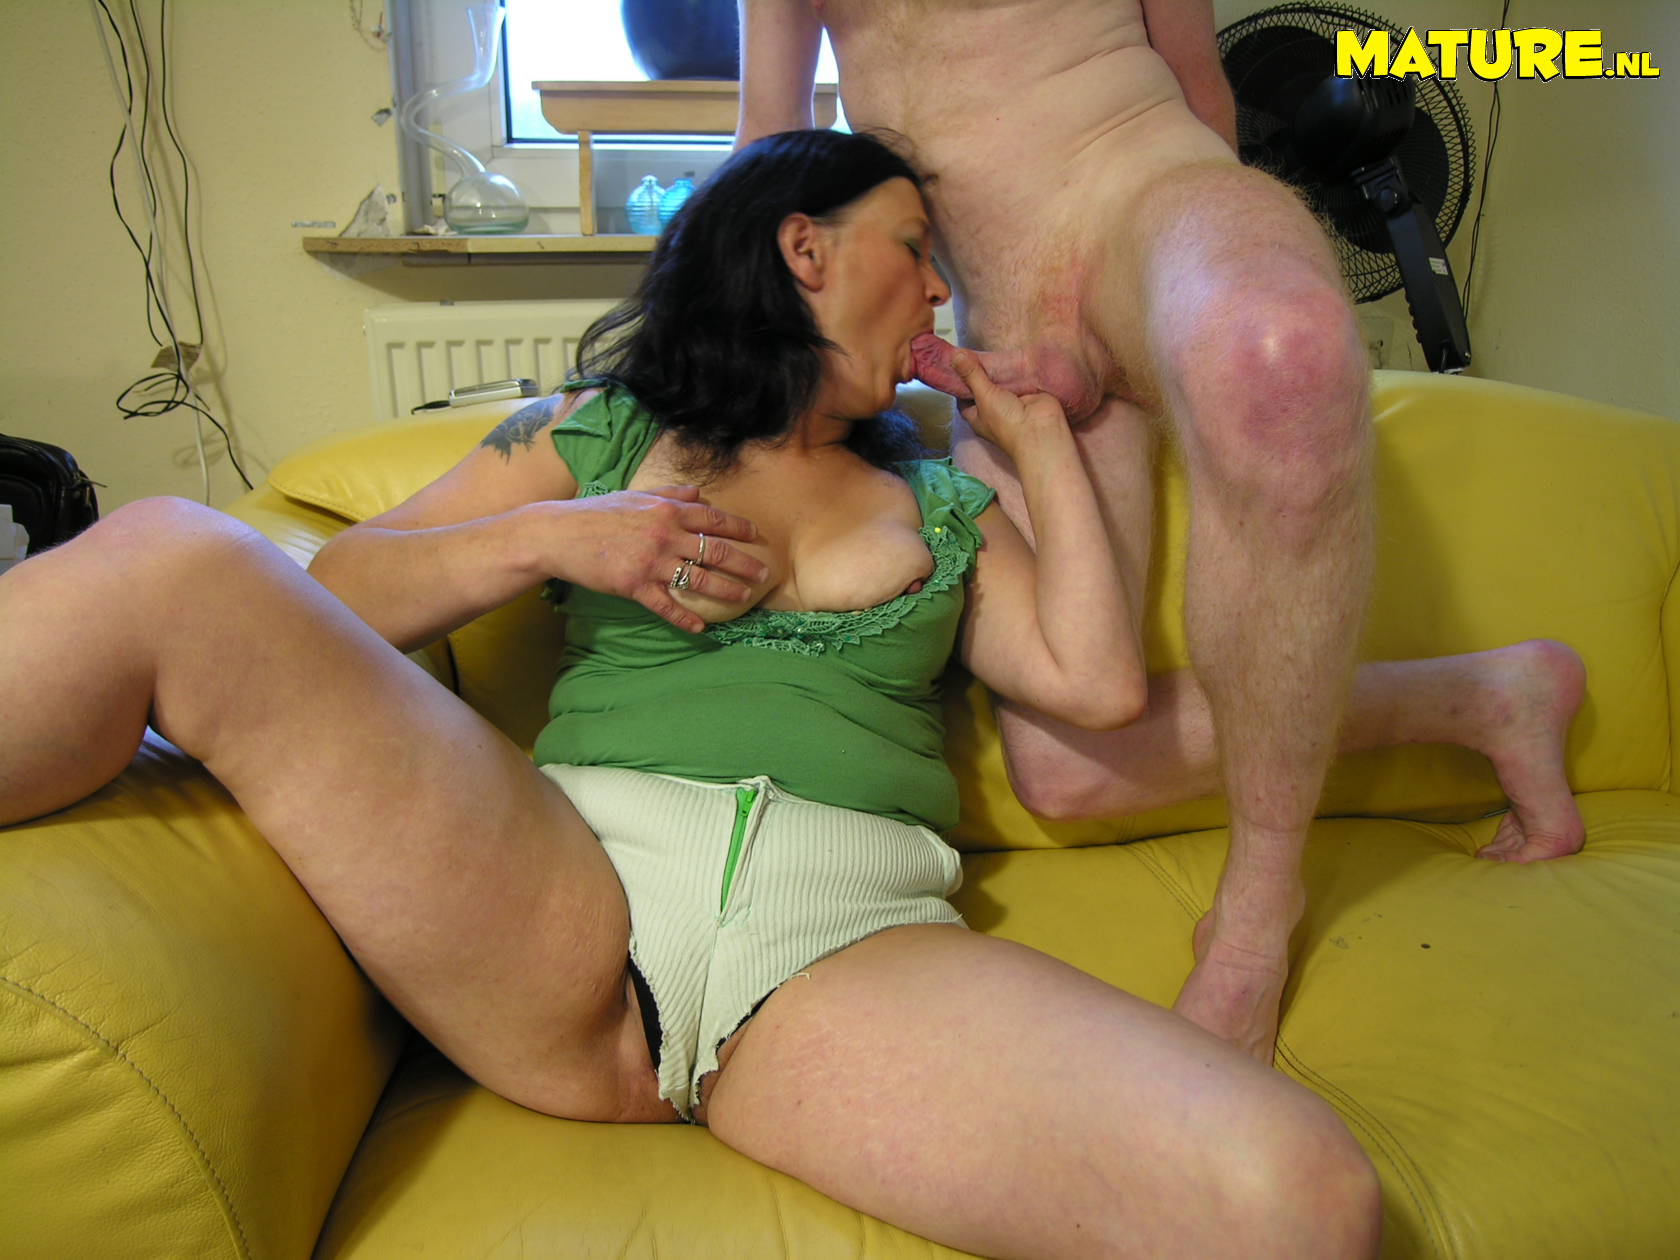 Трахнул соседку порнуха, Парень трахает в маленькую дырочку молодую соседку 3 фотография